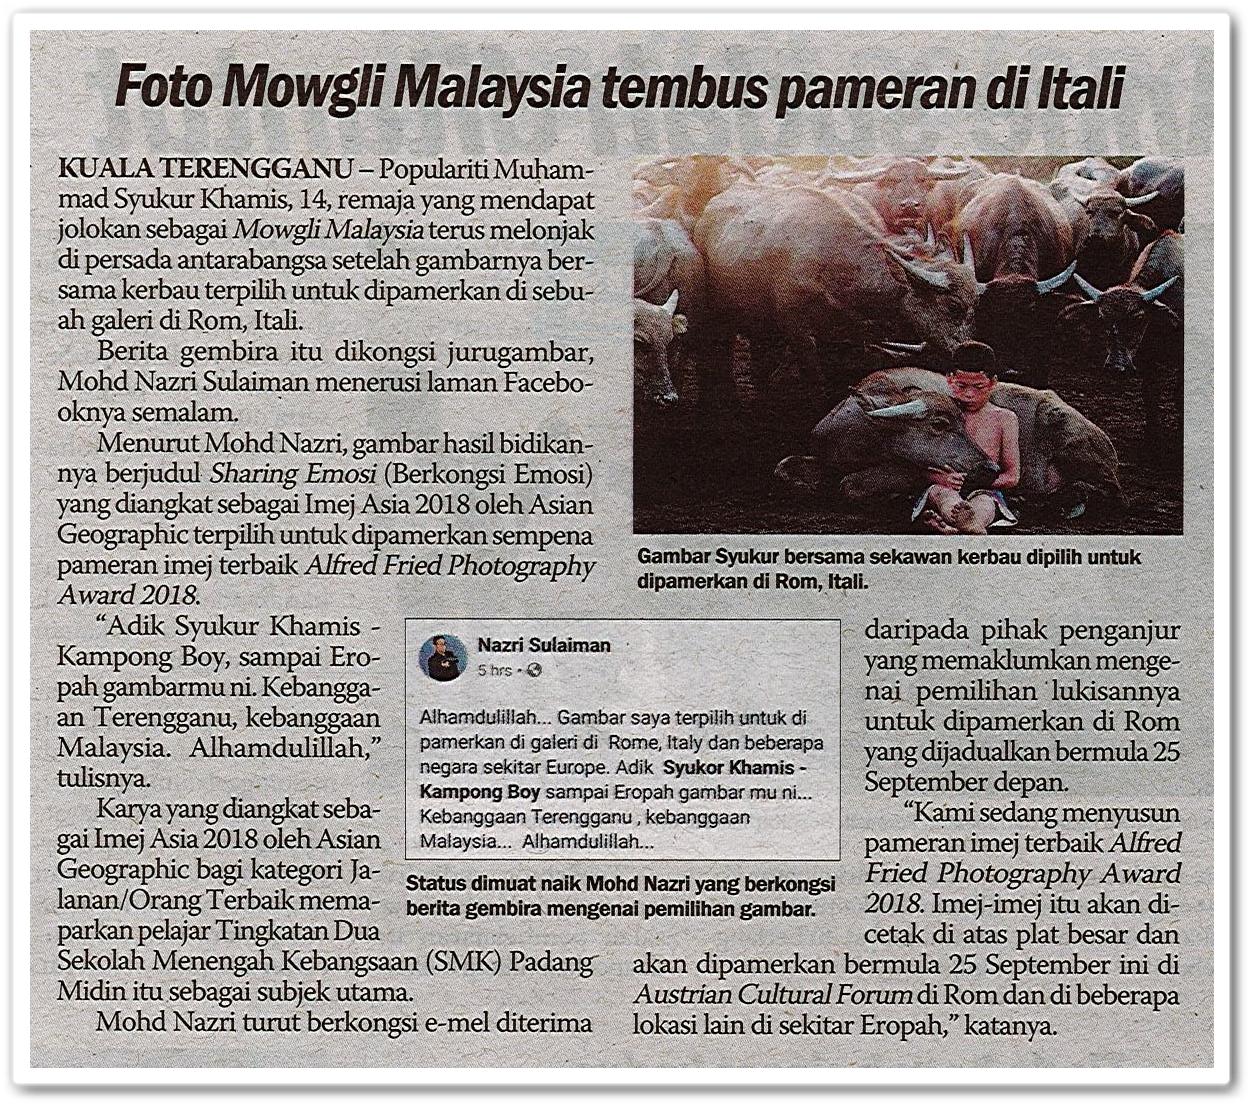 Foto Mowgli Malaysia tembus pameran di Itali - Keratan akhbar Sinar Harian 18 Ogos 2019